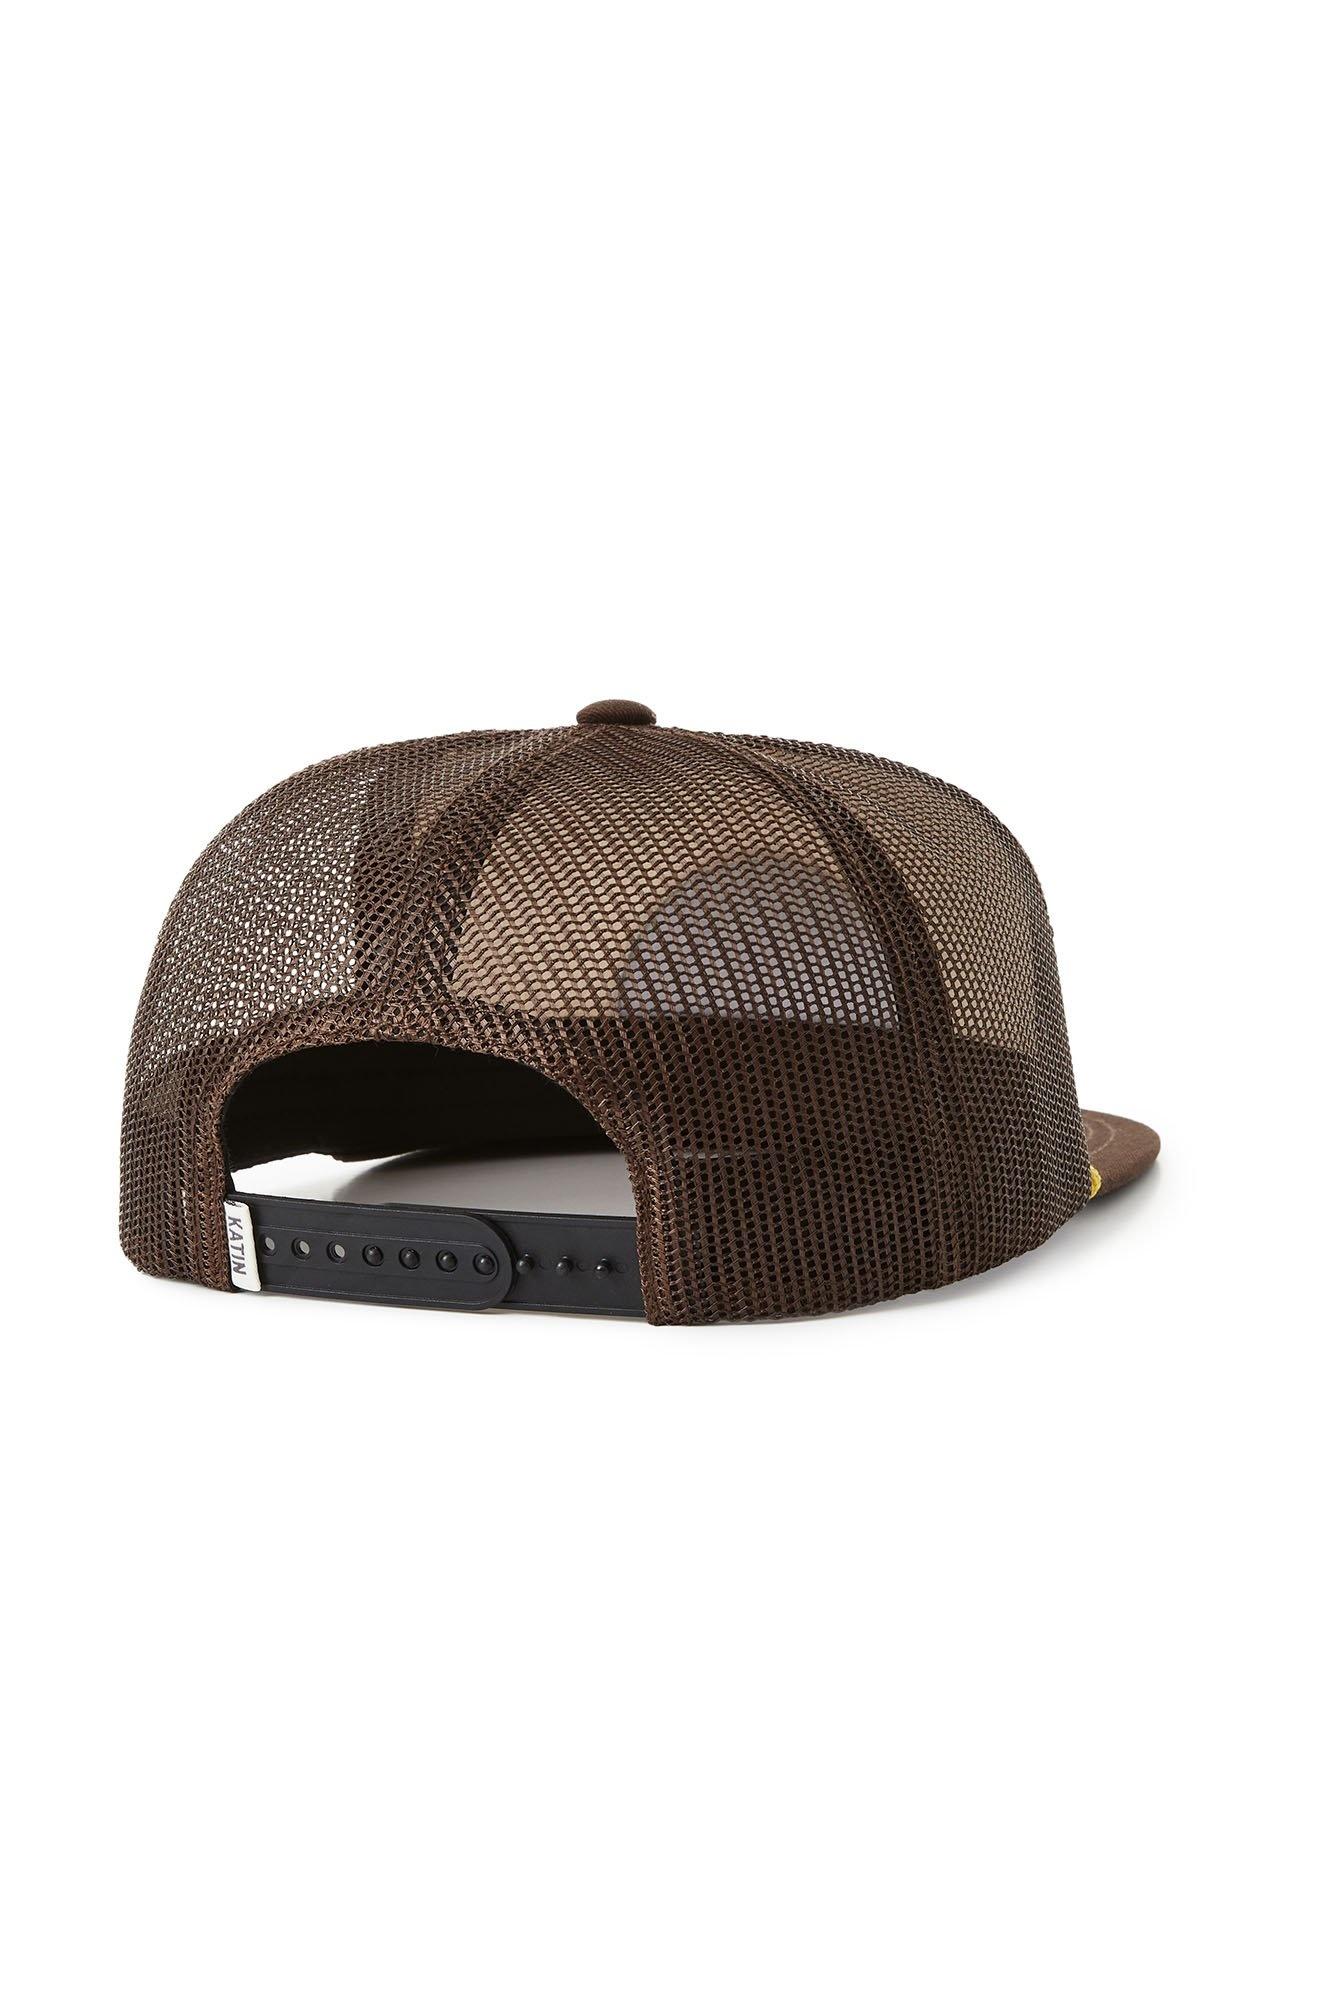 KatinUSA Katin - Scenic See You Hat (Brown)